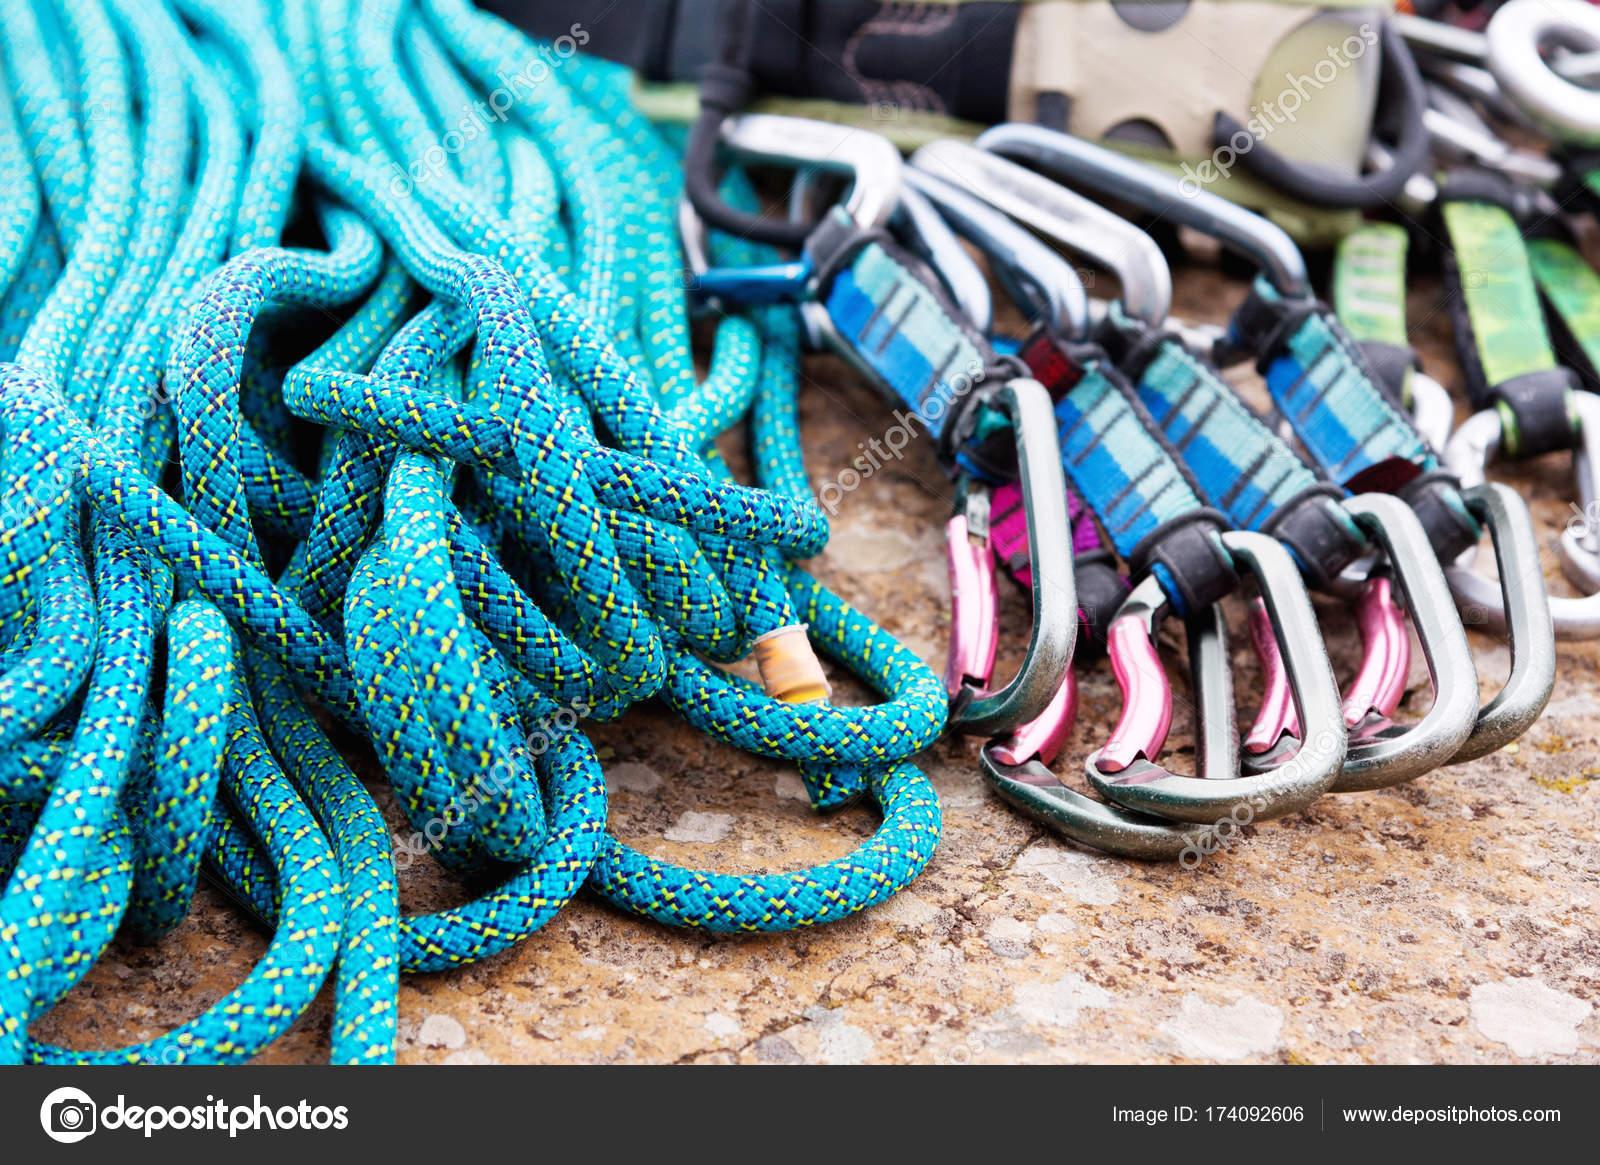 Klettergurt Aus Seil : Kletterausrüstung einem klettergurt und seil neben liegen